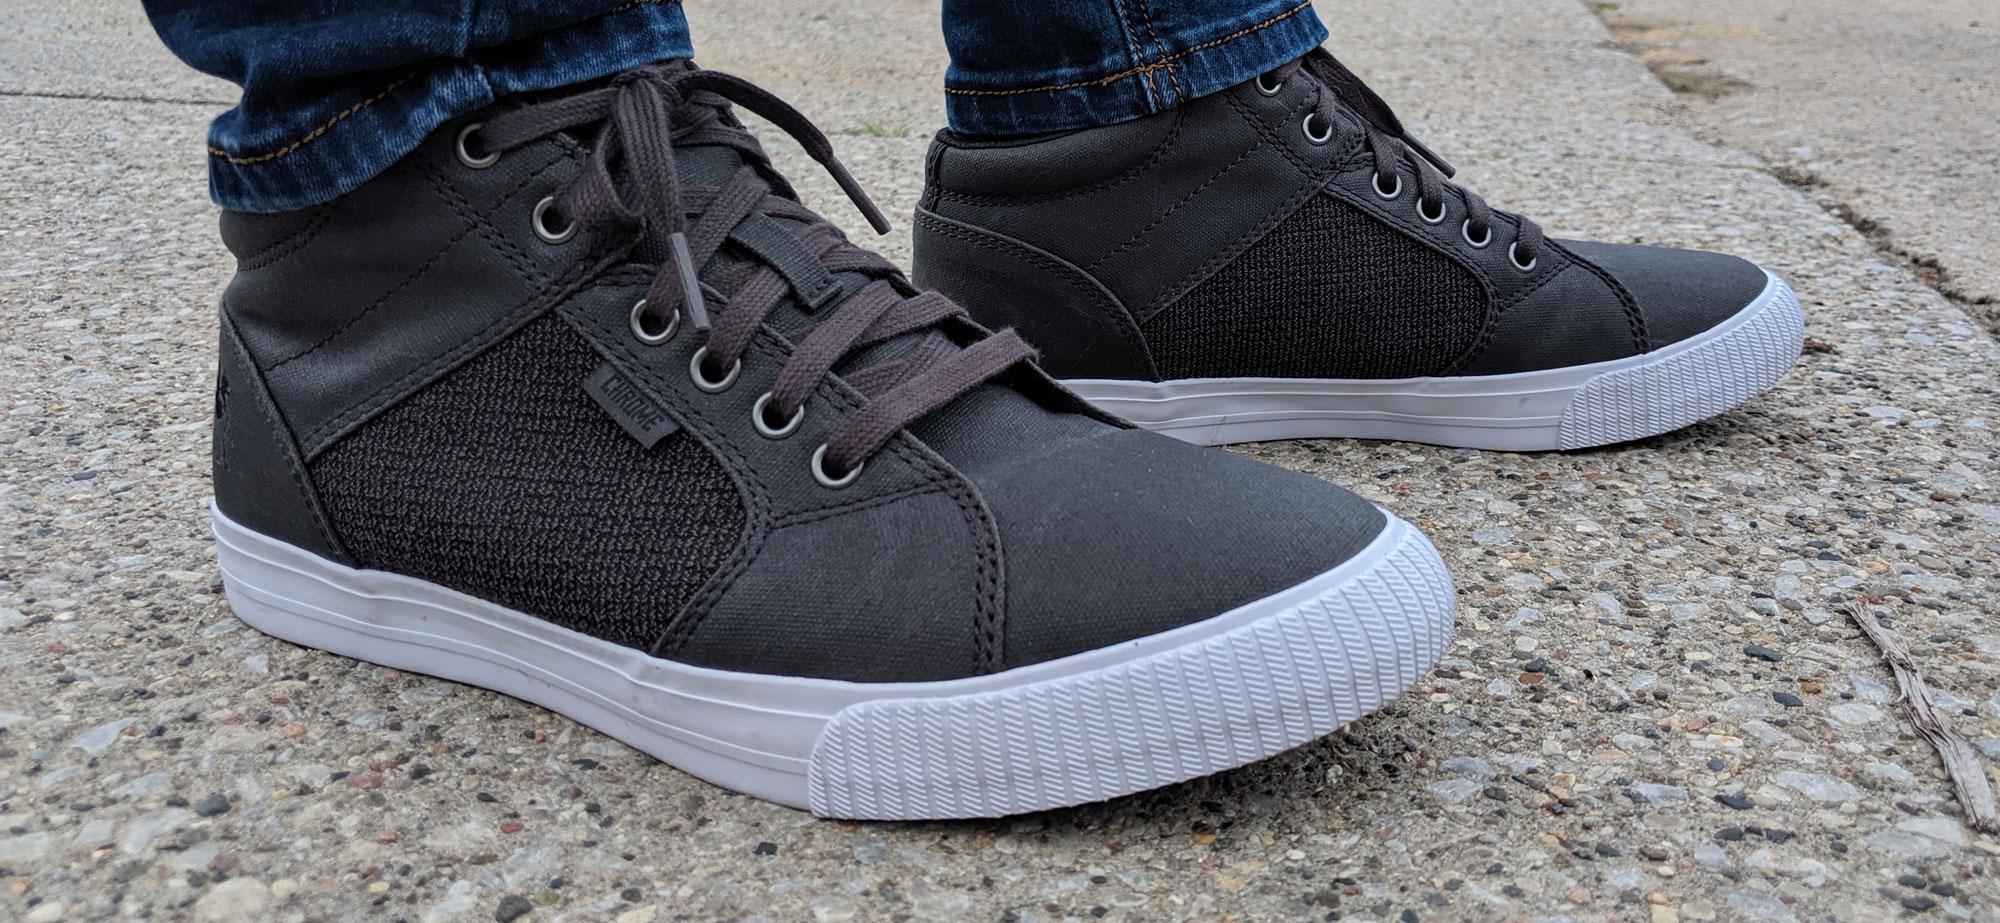 chrome-Southside-2.0-Sneaker